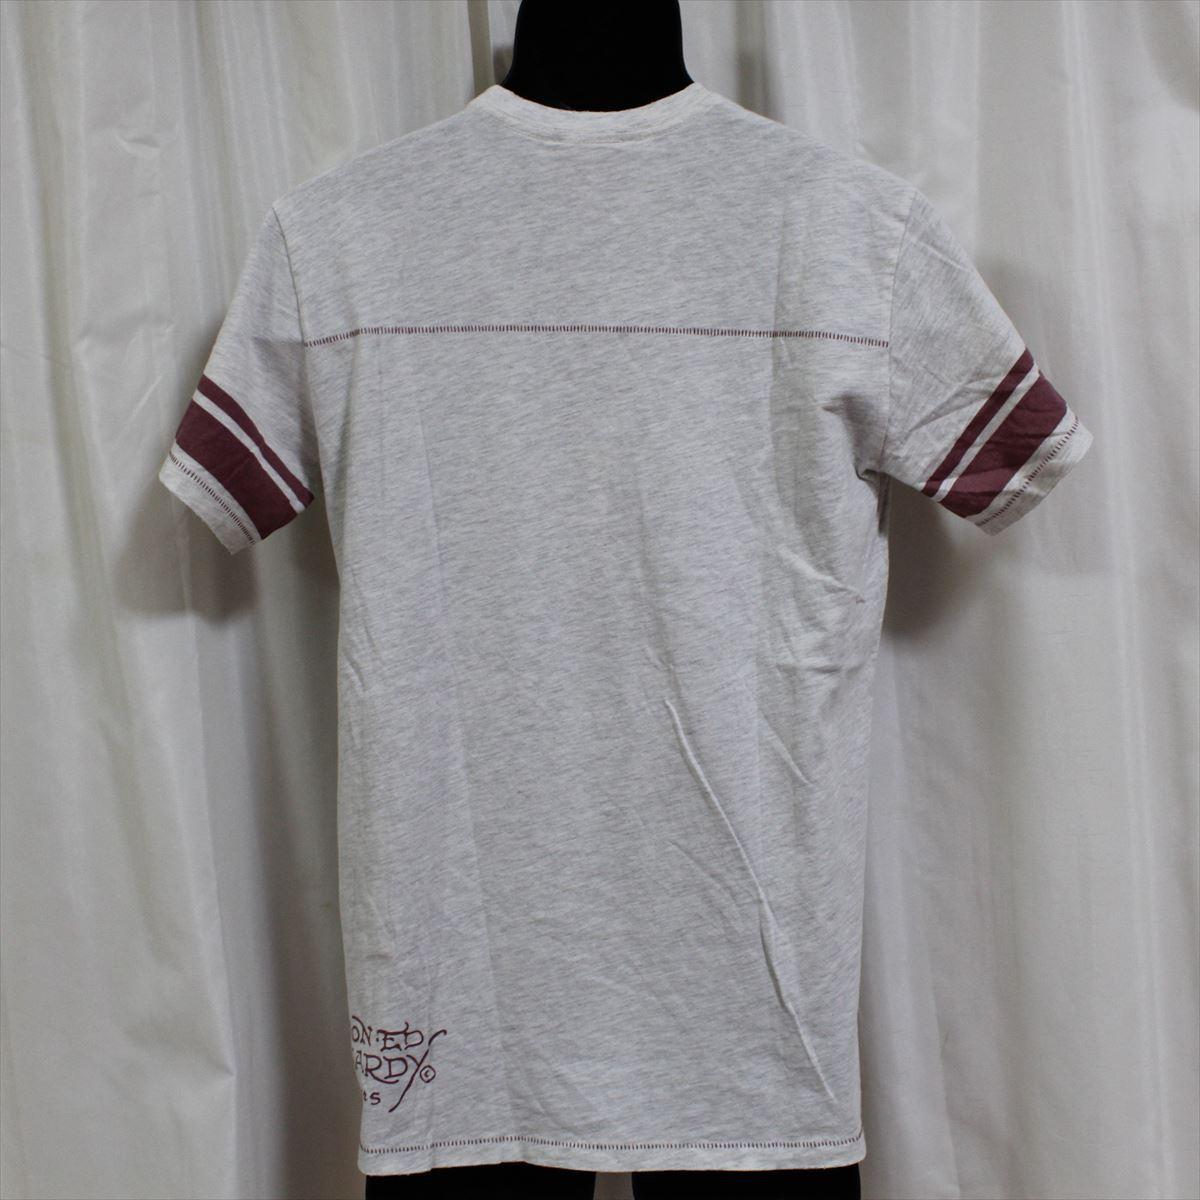 エドハーディー ED HARDY メンズ半袖Tシャツ ヘザーグレー Mサイズ NO15 新品_画像6